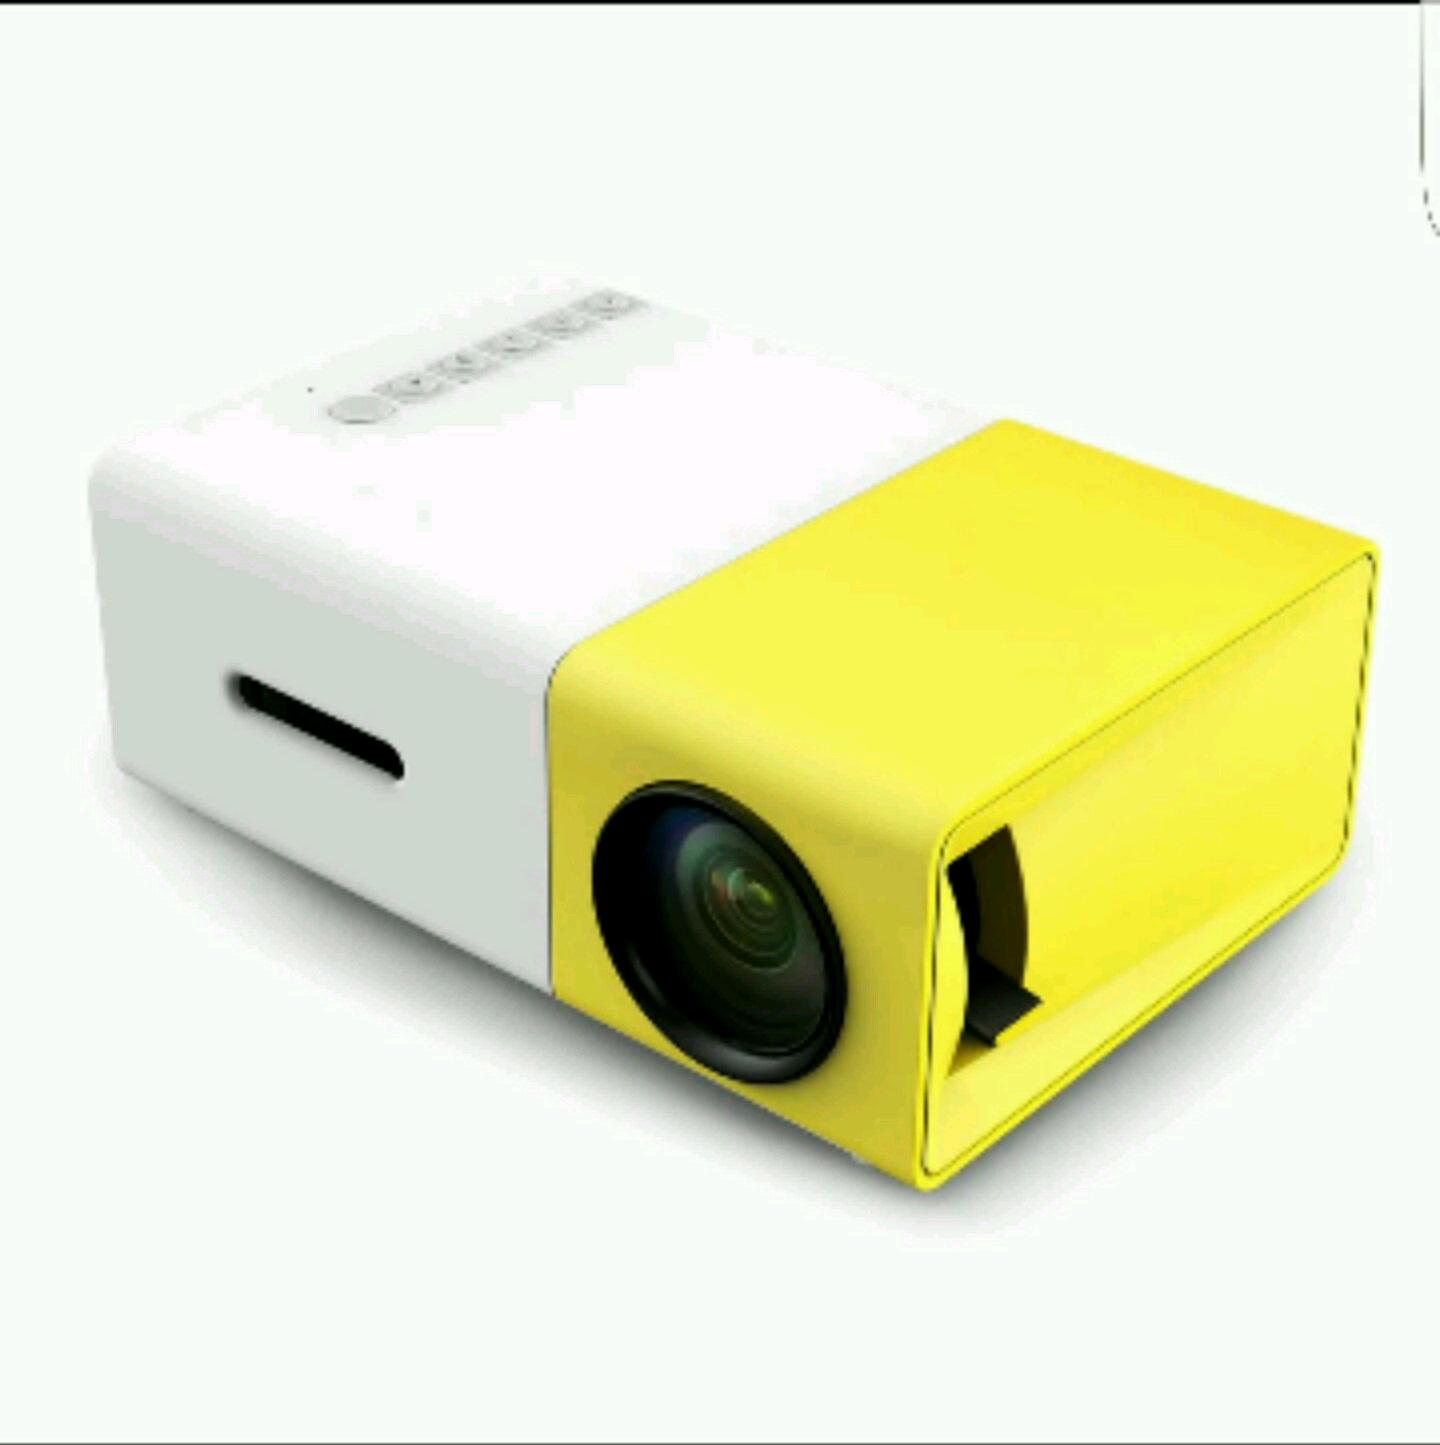 [Original] YG300 YG 300 GEFÜHRTER Beweglicher Projektor 500LM 3,5mm Audio 320x240 Pixel HDMI 33,45€